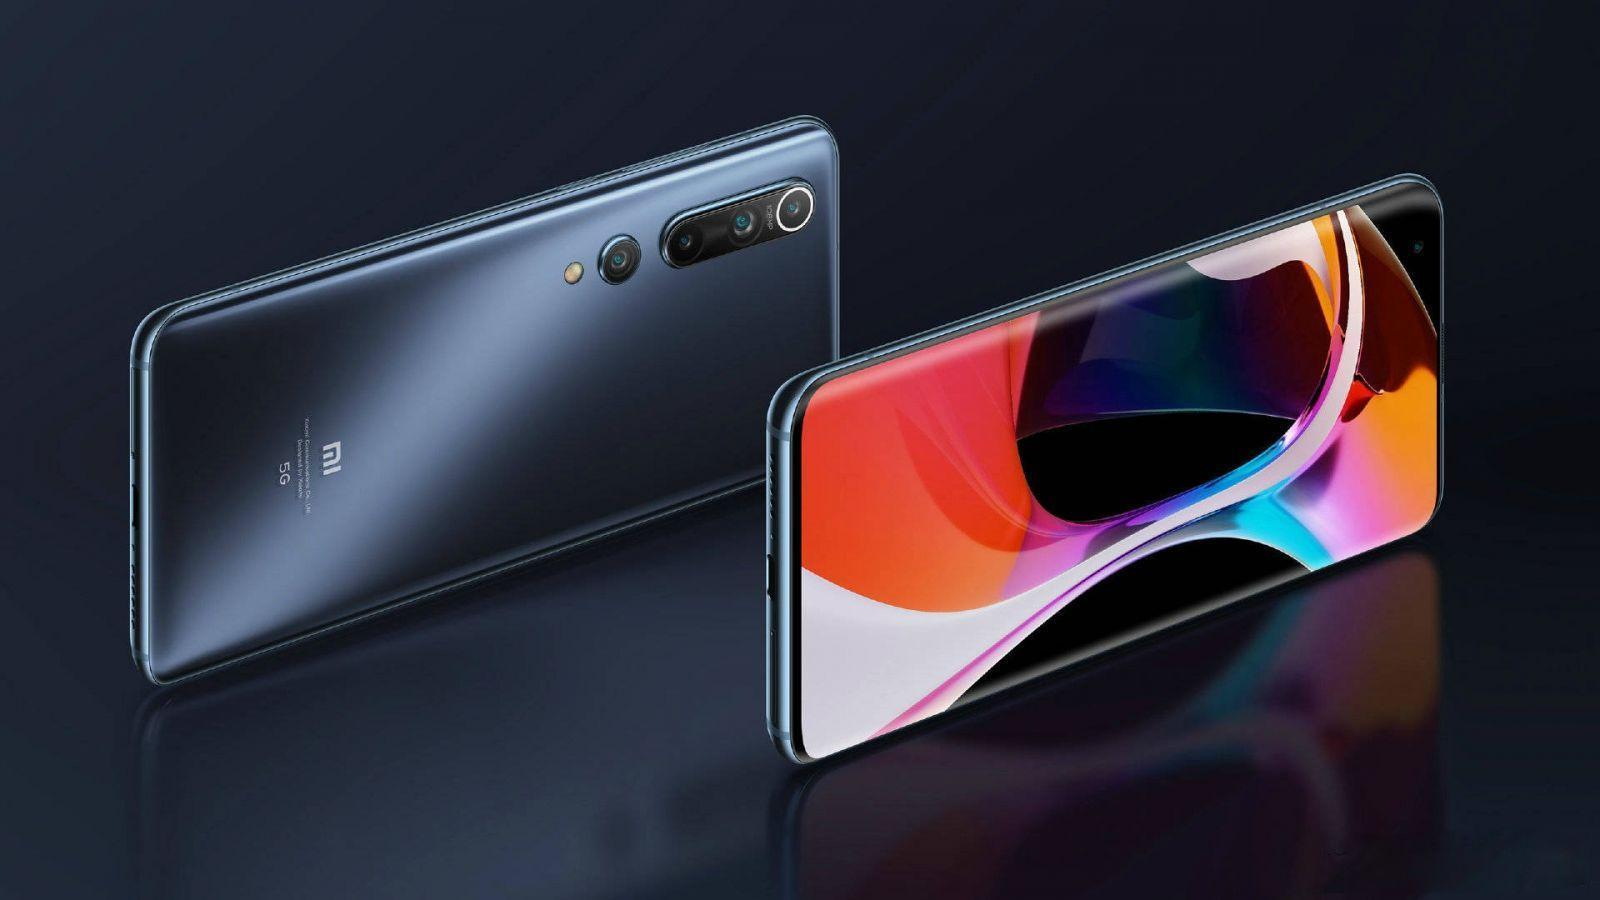 В сети появились новые подробности о Xiaomi Mi 10 Pro Plus (xiaomi mi 10 mi 10 pro 12)